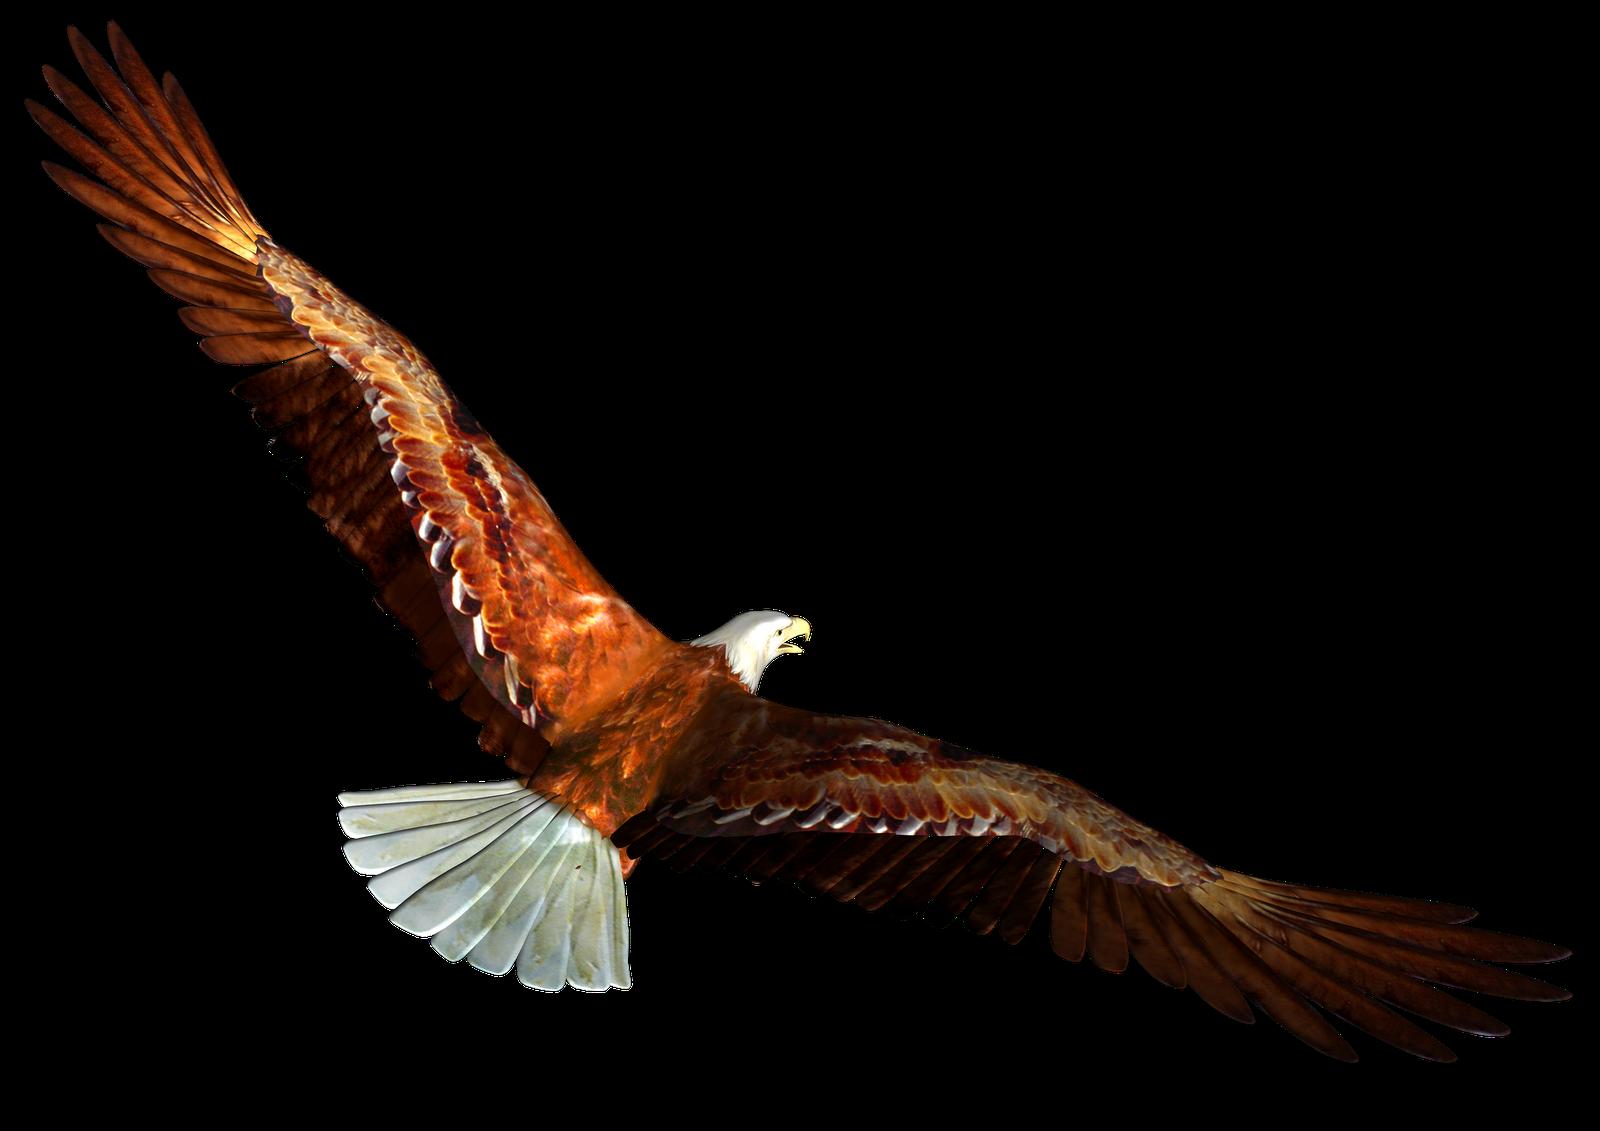 free bald eagle clipart - photo #37